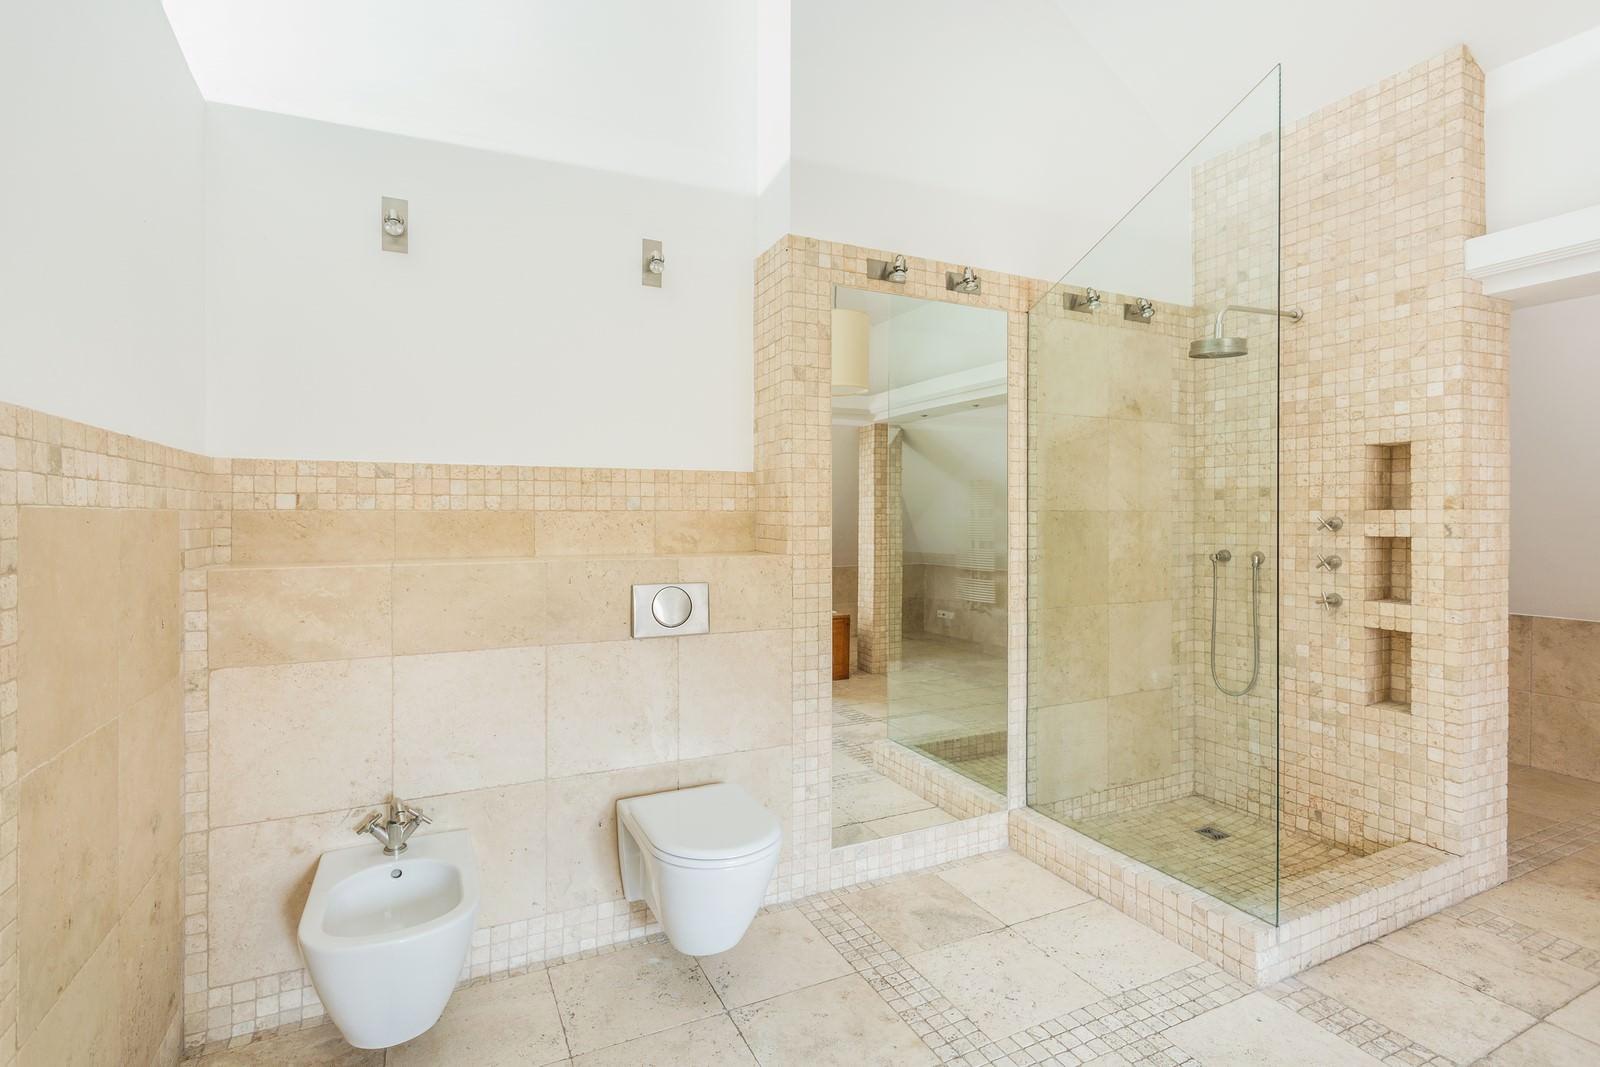 Salle de bain ou salle d eau - Salle de bains ou salle de bain ...